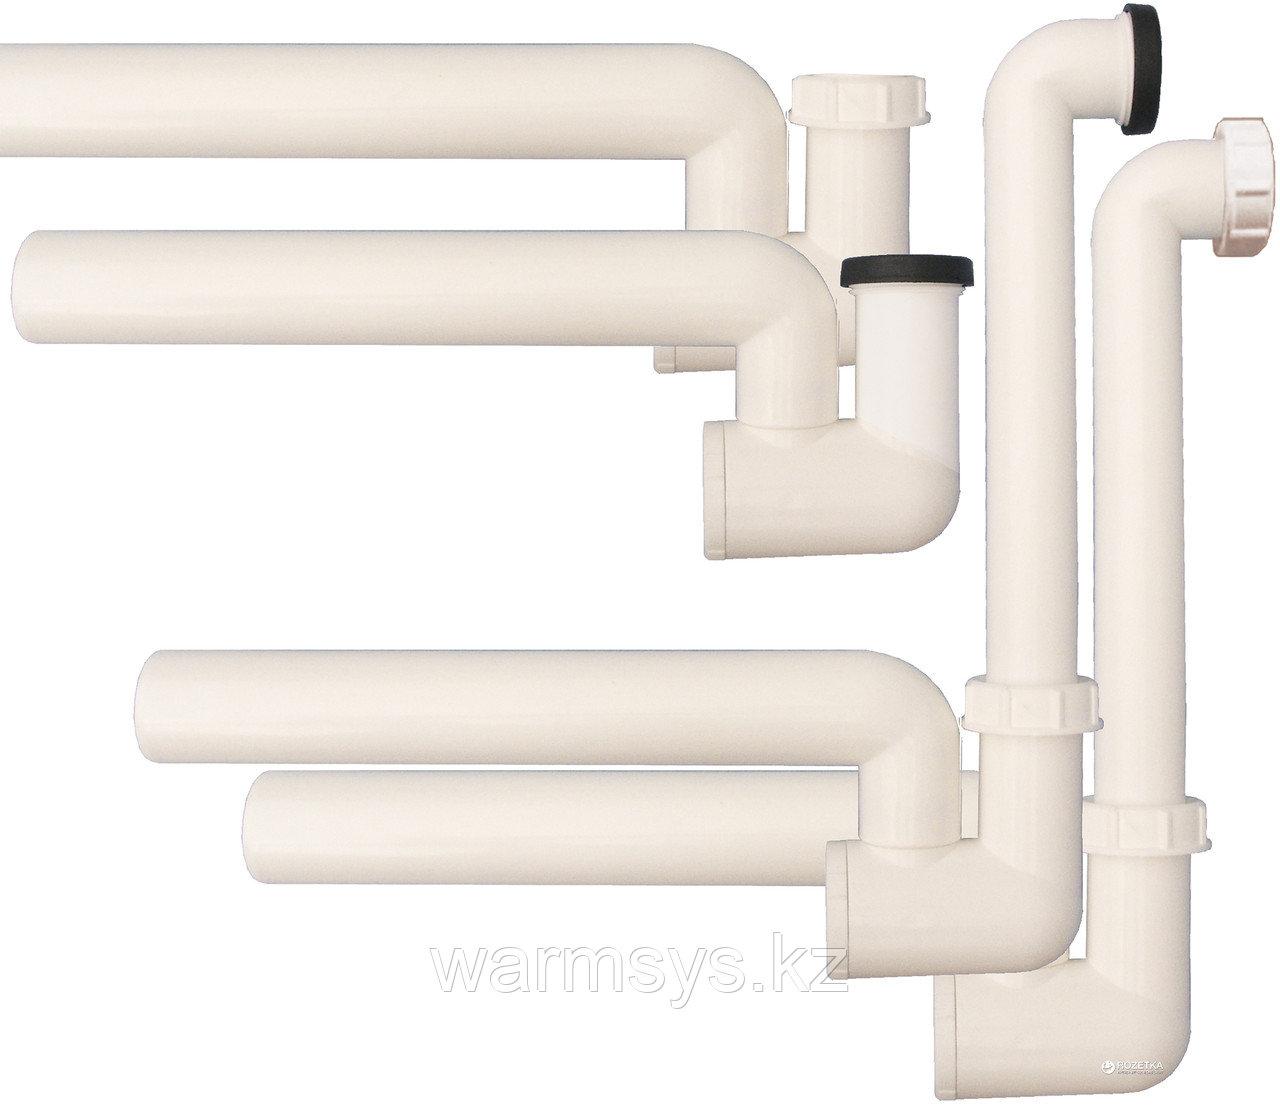 Сифон для кондиционеров с гидрозатвором HL136.2